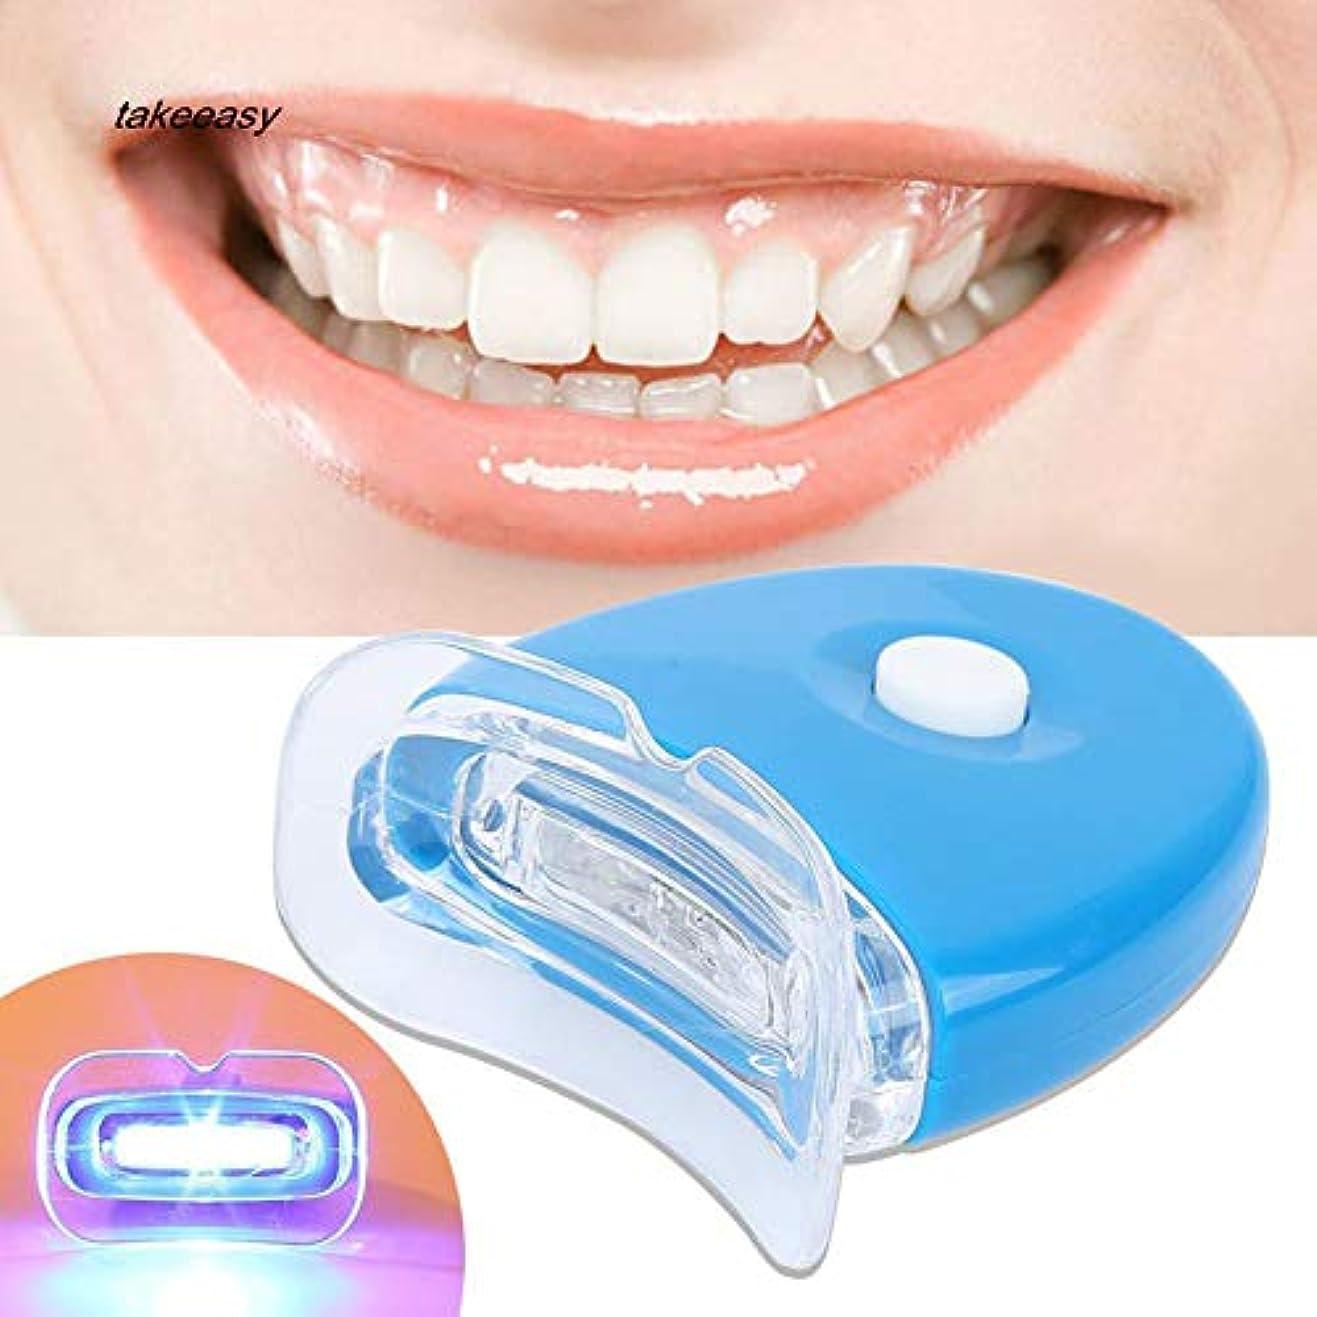 破壊敏感なふざけた歯ホワイトニング器 歯美白器 美歯器 ホワイトニング ホワイトナー ケア 歯の消しゴム 歯科機器 口腔ゲルキット ライト付き 歯を白くする